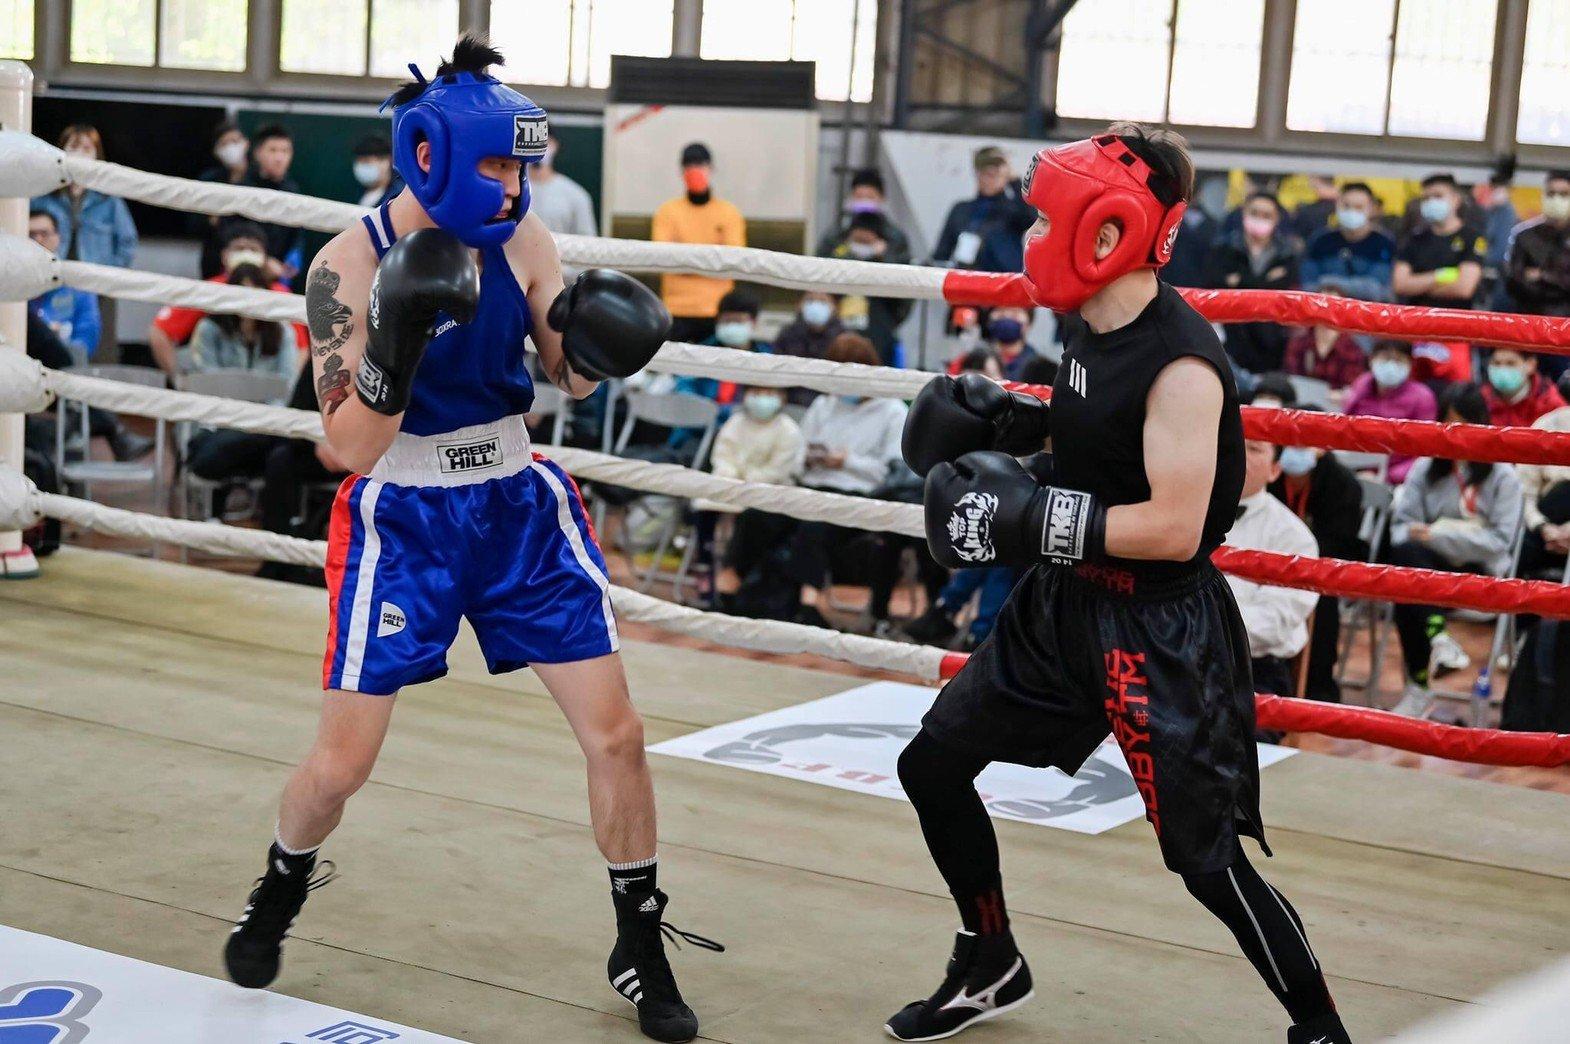 台中拳擊格鬥